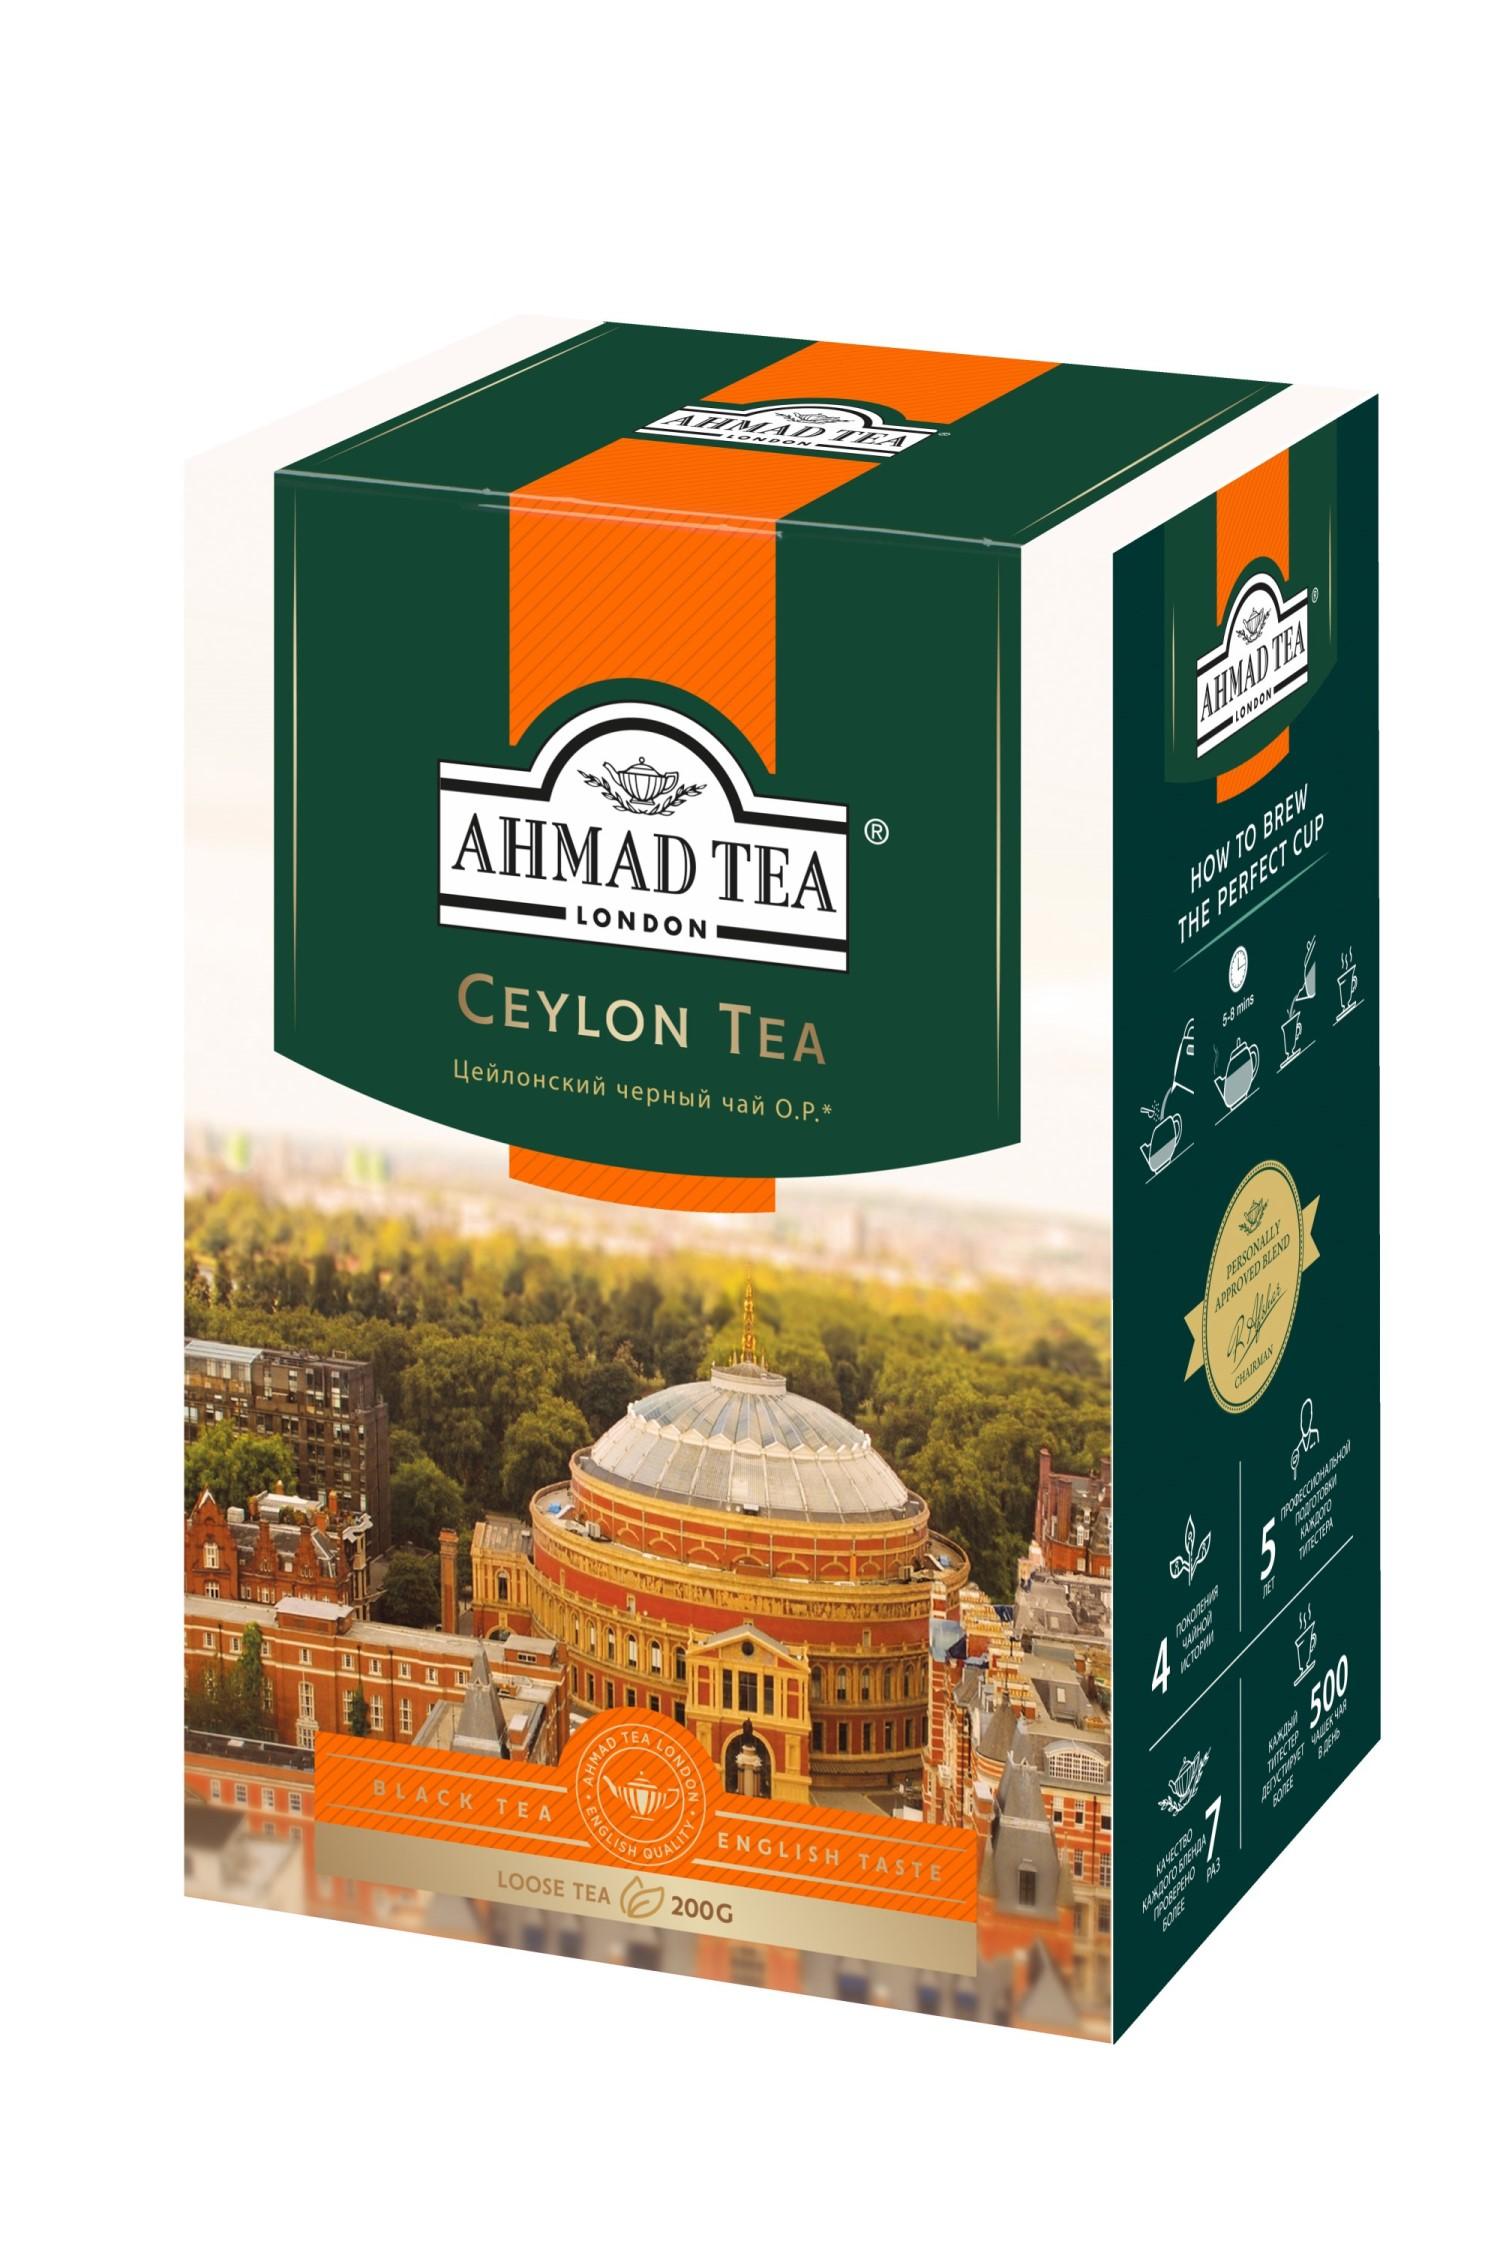 Ahmad Tea Чай черный Ahmad Tea Ceylon Tea Orange Pekoe листовой